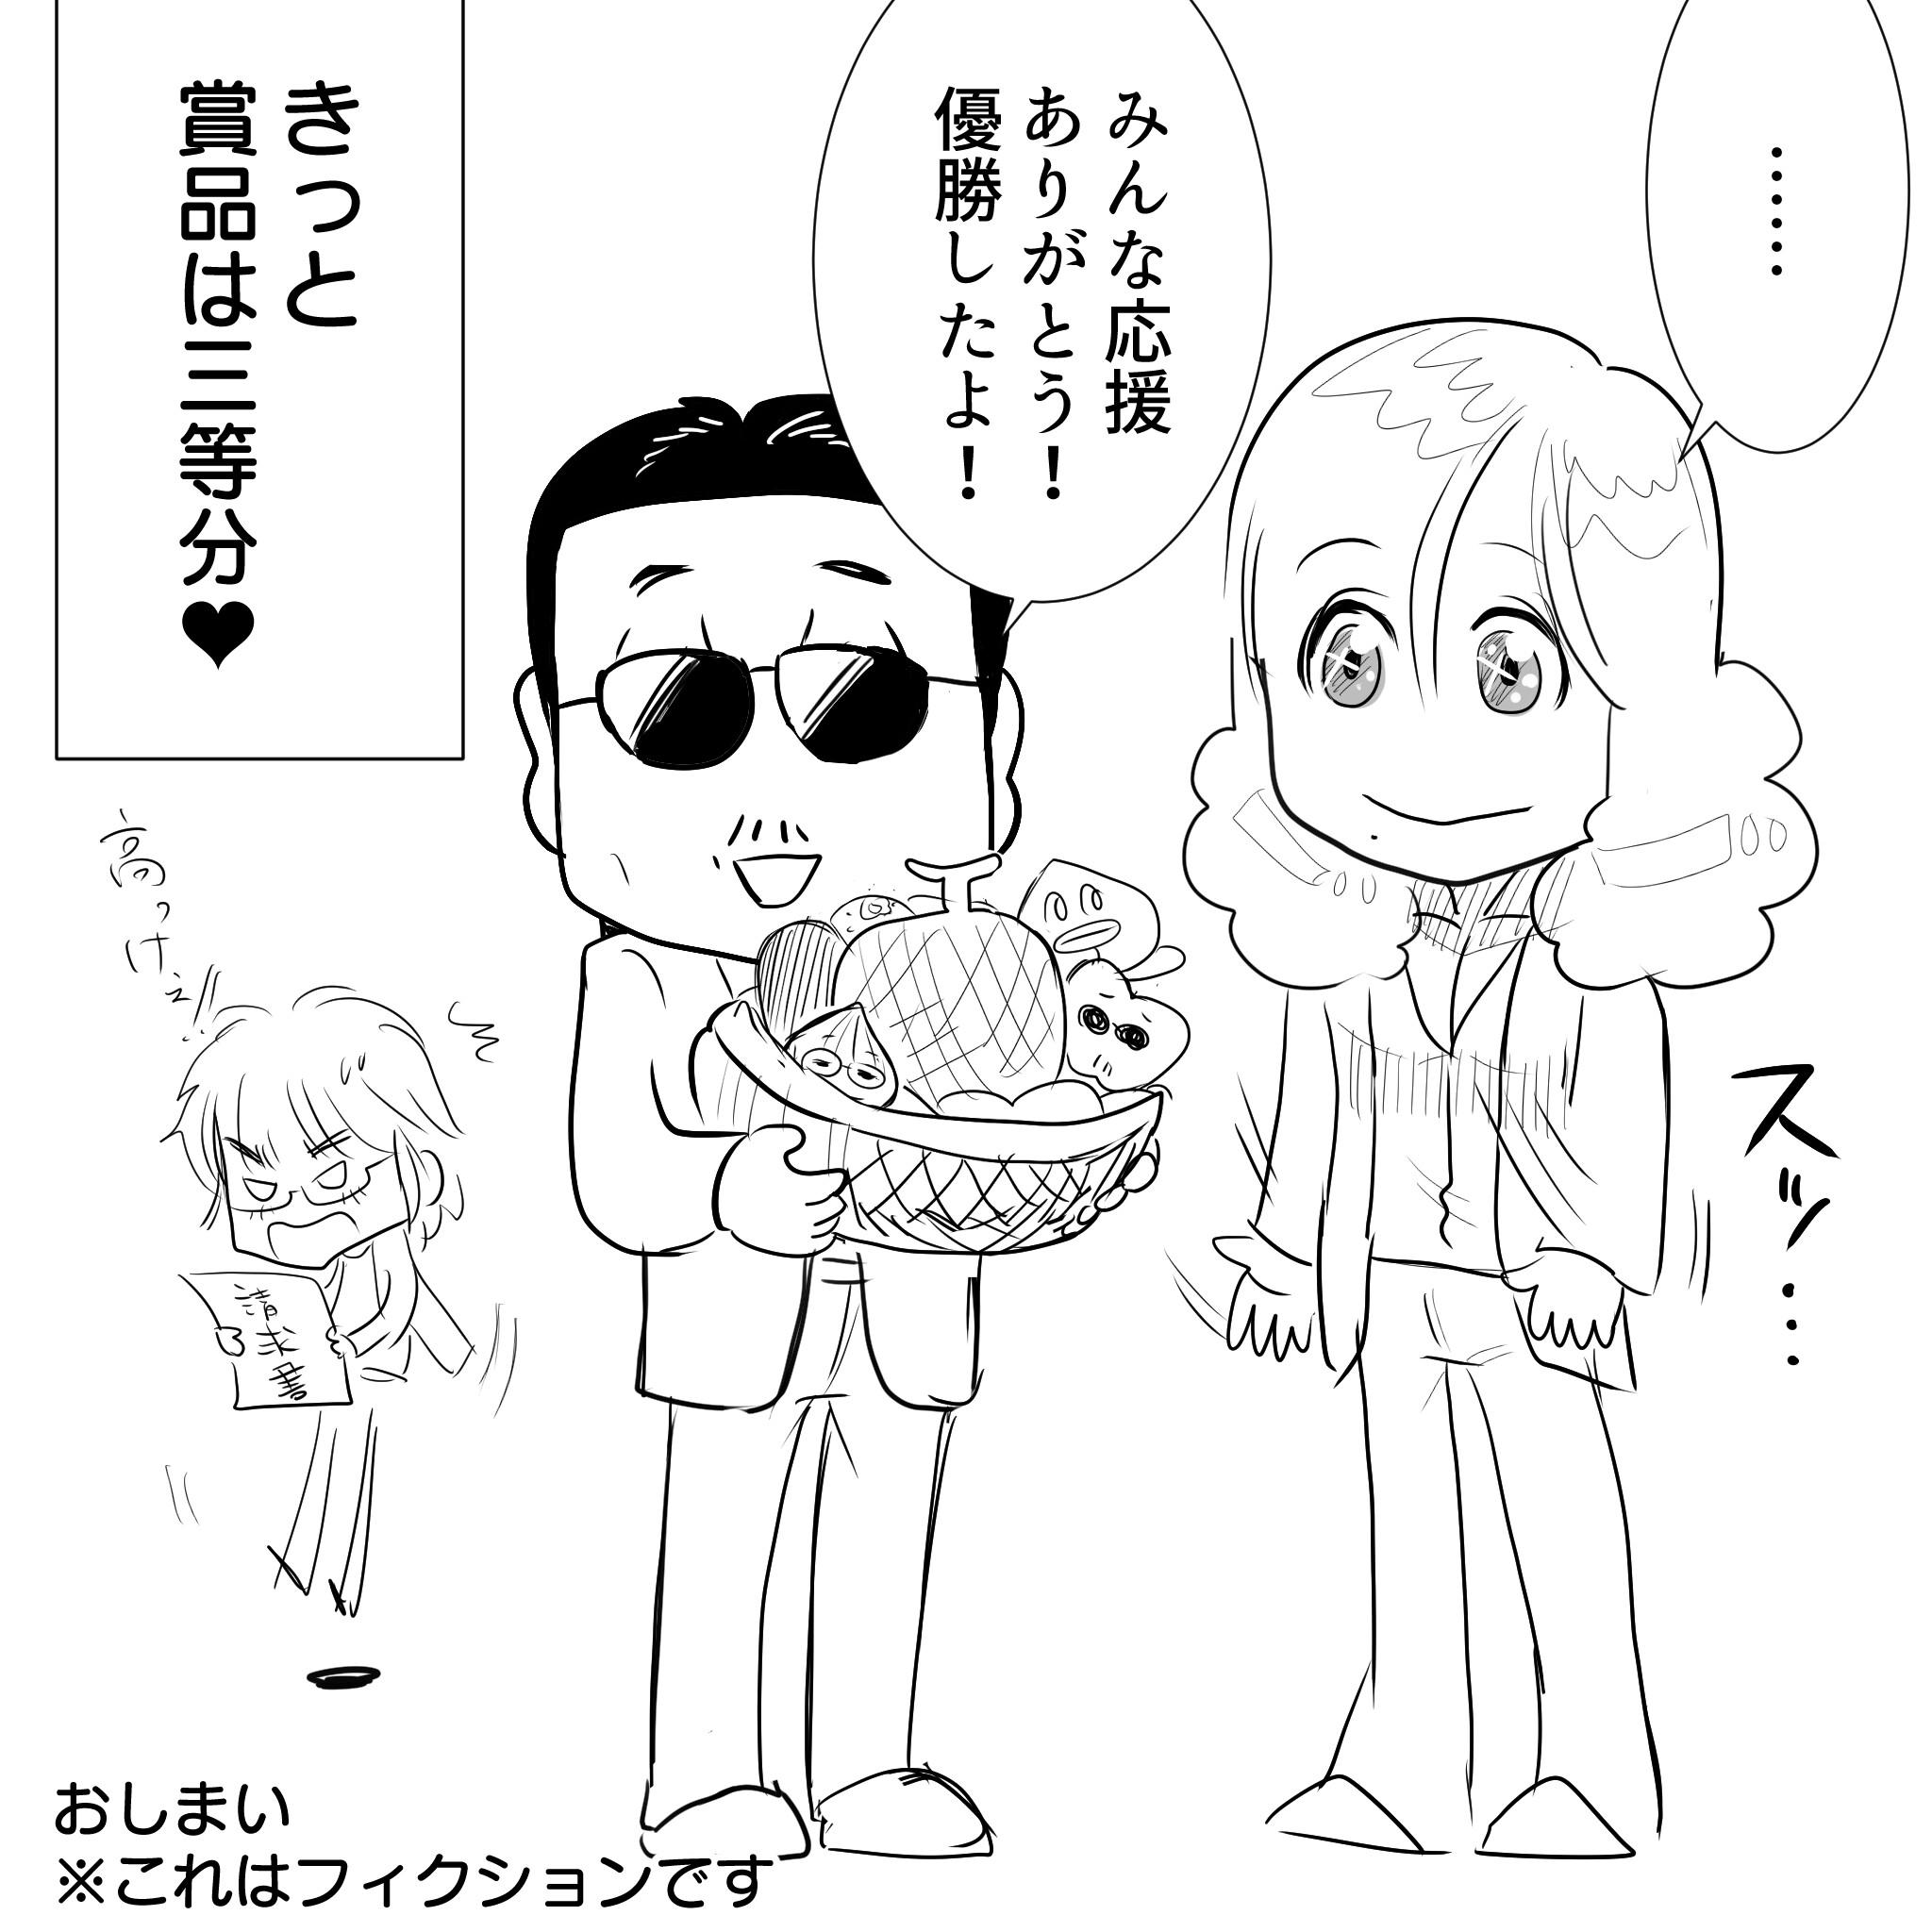 アルフィーの優勝賞品4